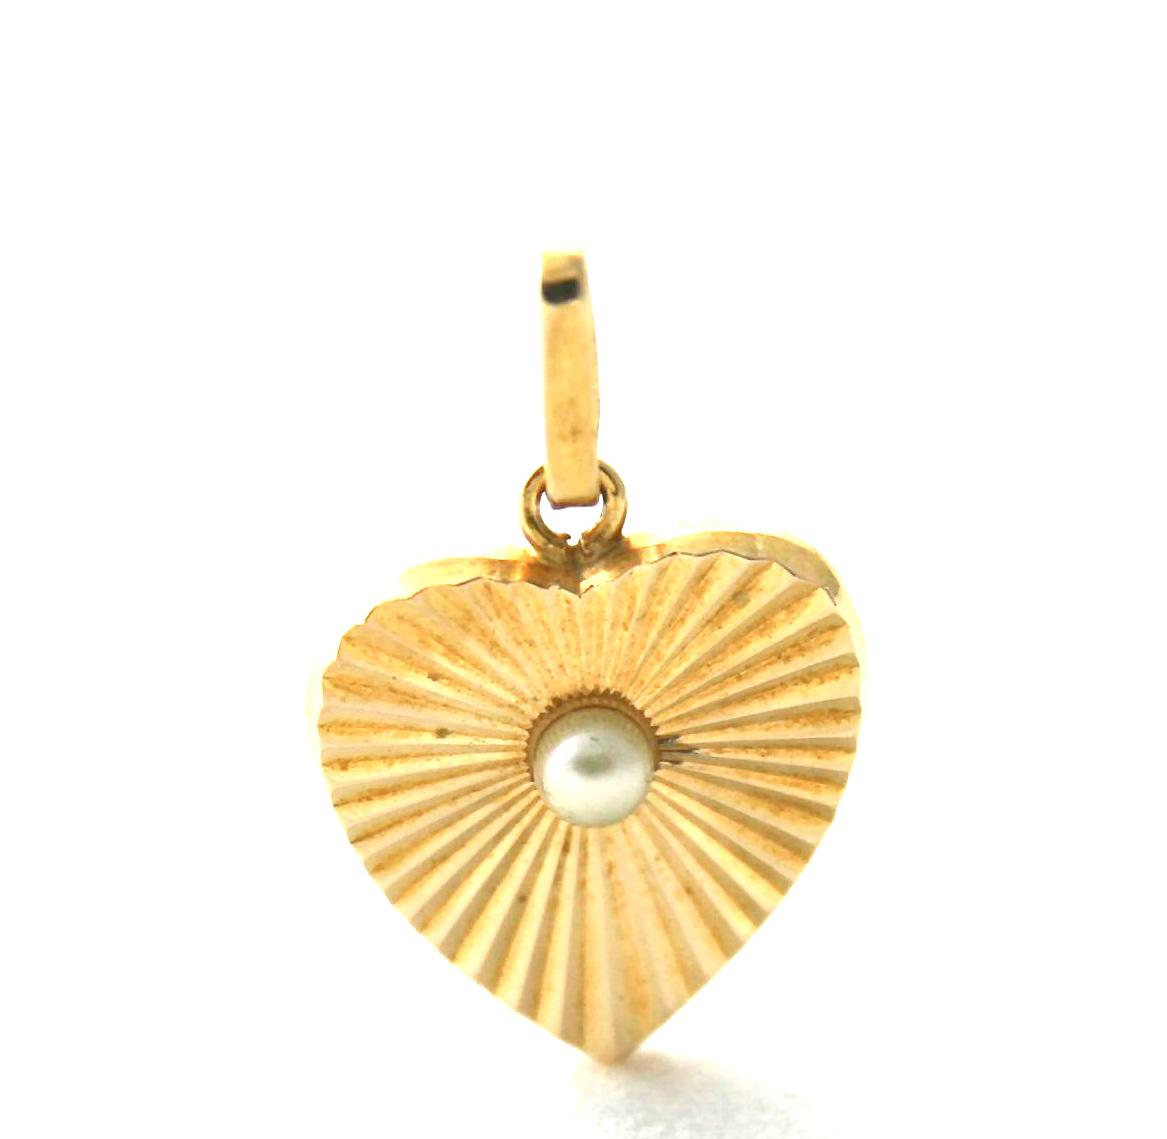 Pendentif Coeur perlé en Plaqué or 750/1000